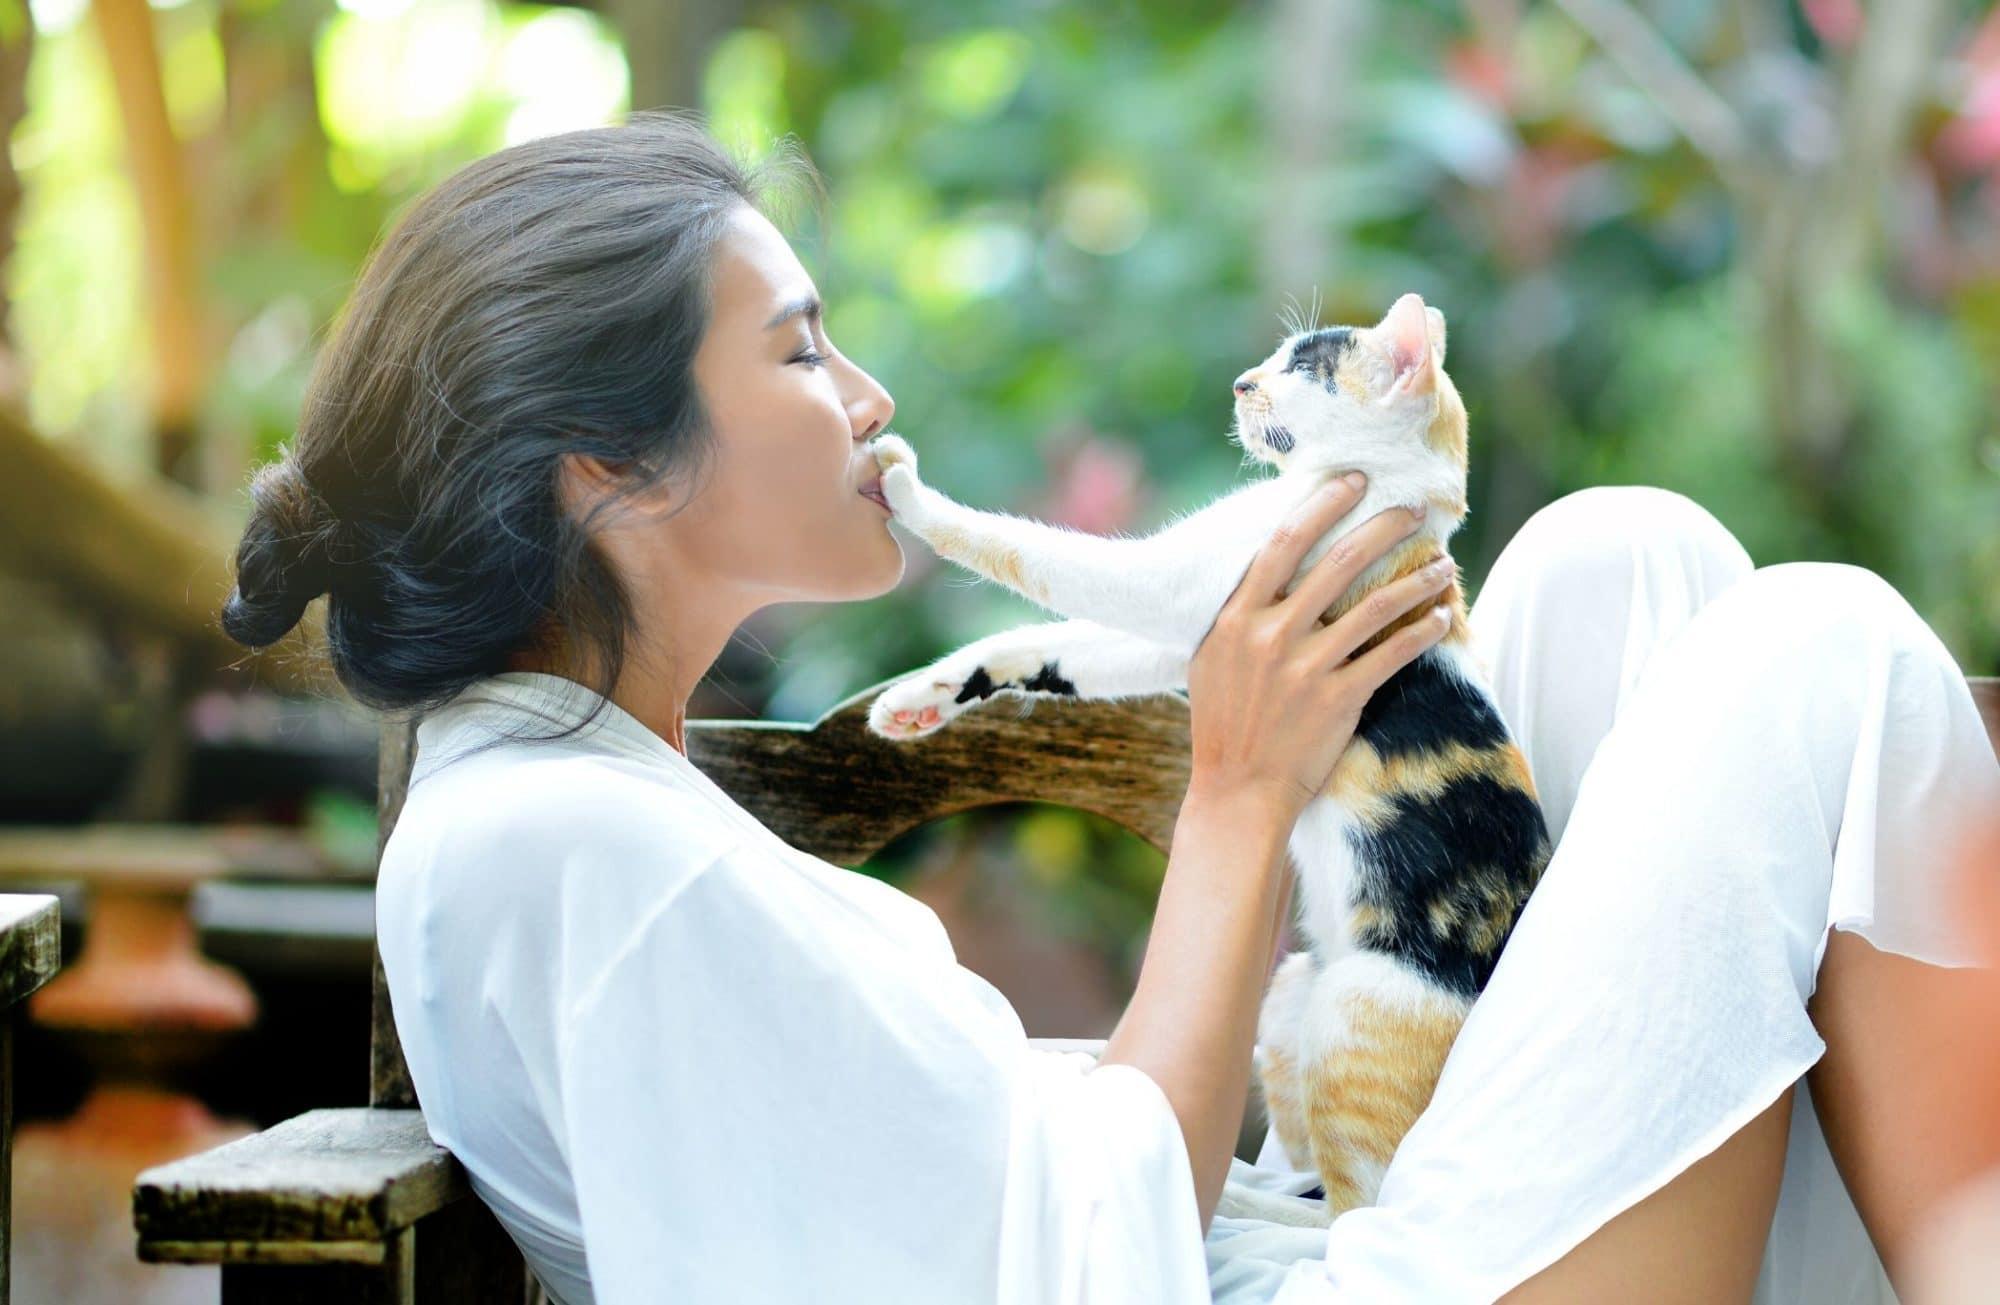 Décrypter le langage de votre chat : mode d'emploi